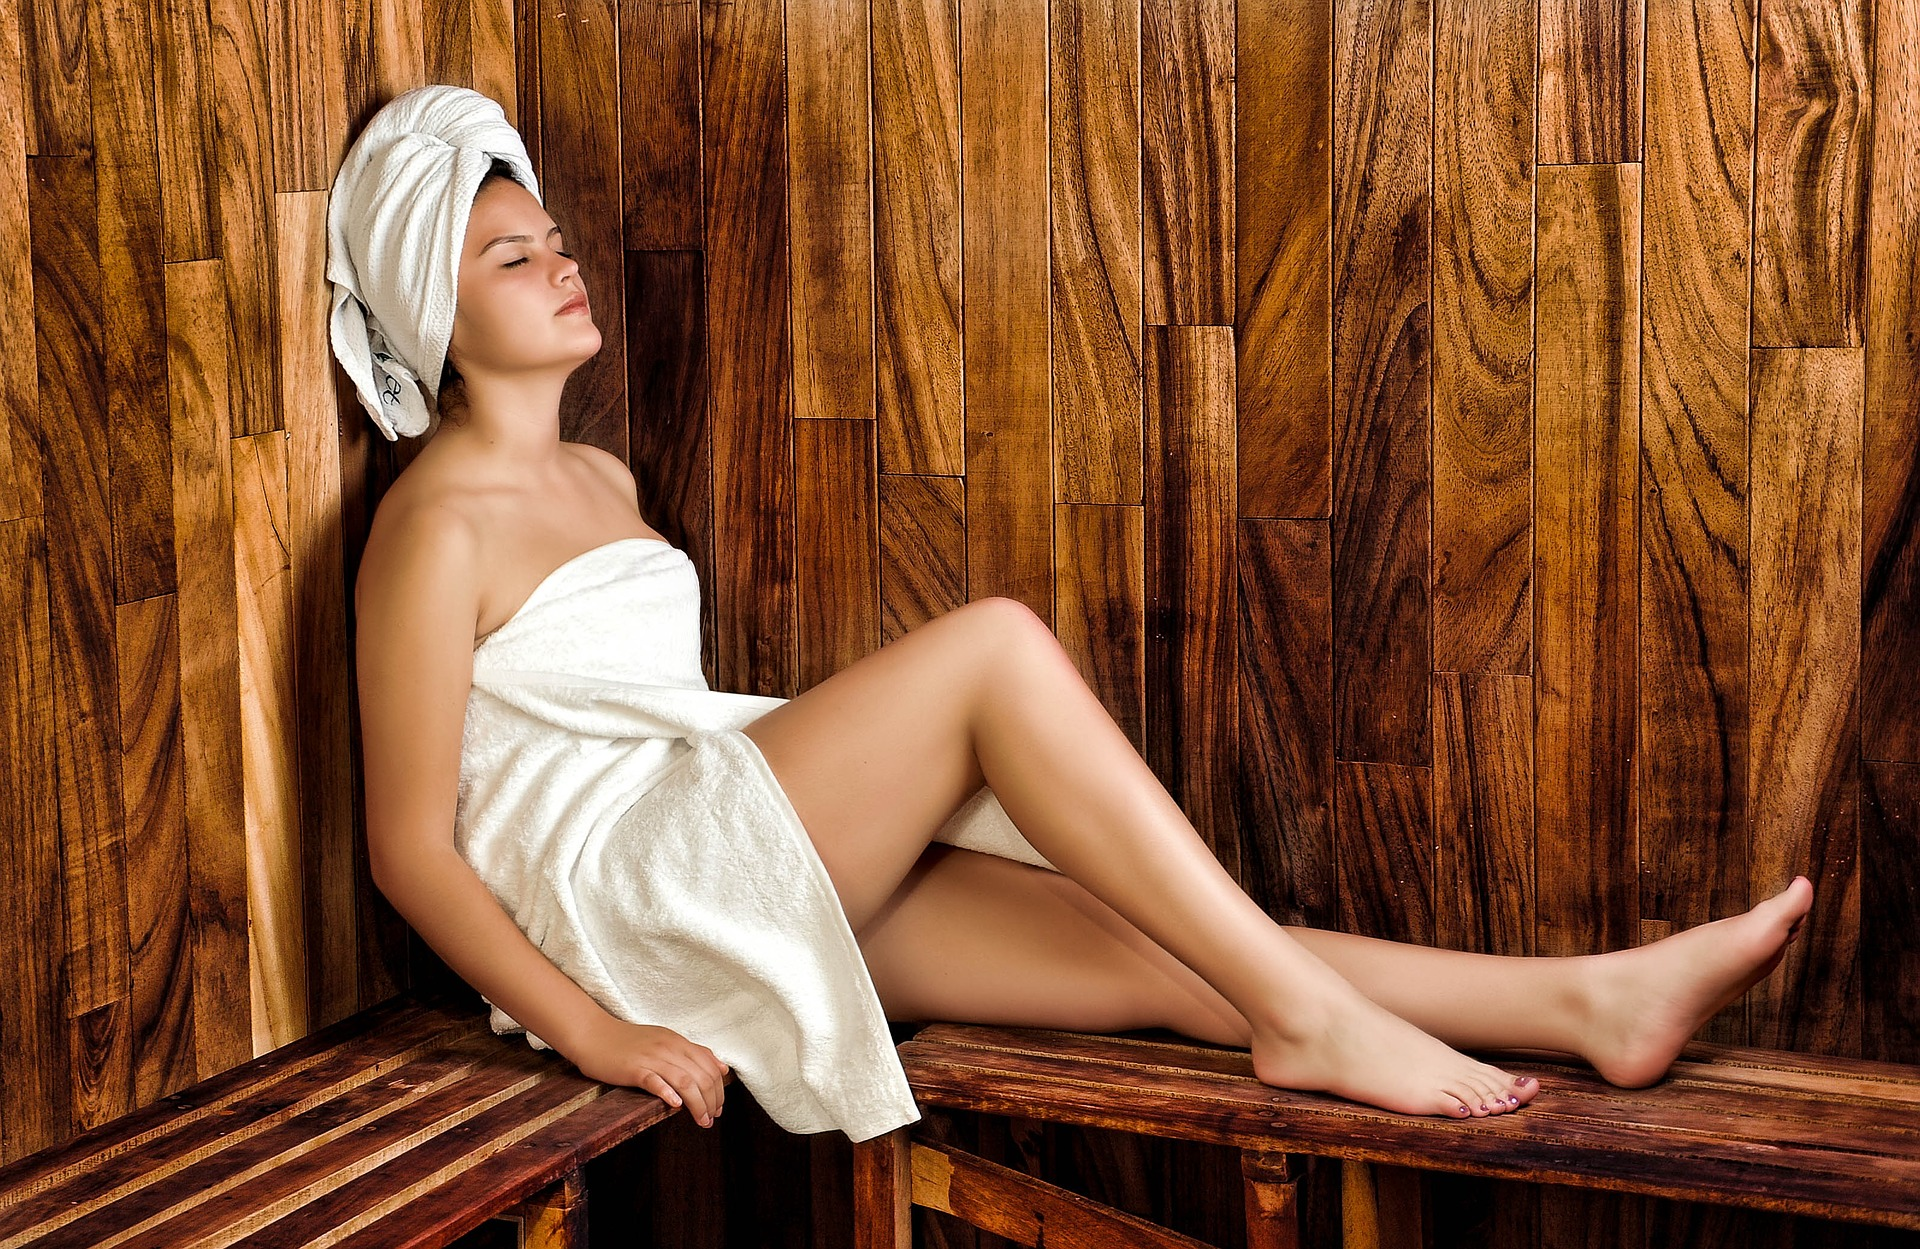 Tui-Ná-e-Terapias-Externas 5 Motivos para praticar Massagem Relaxante